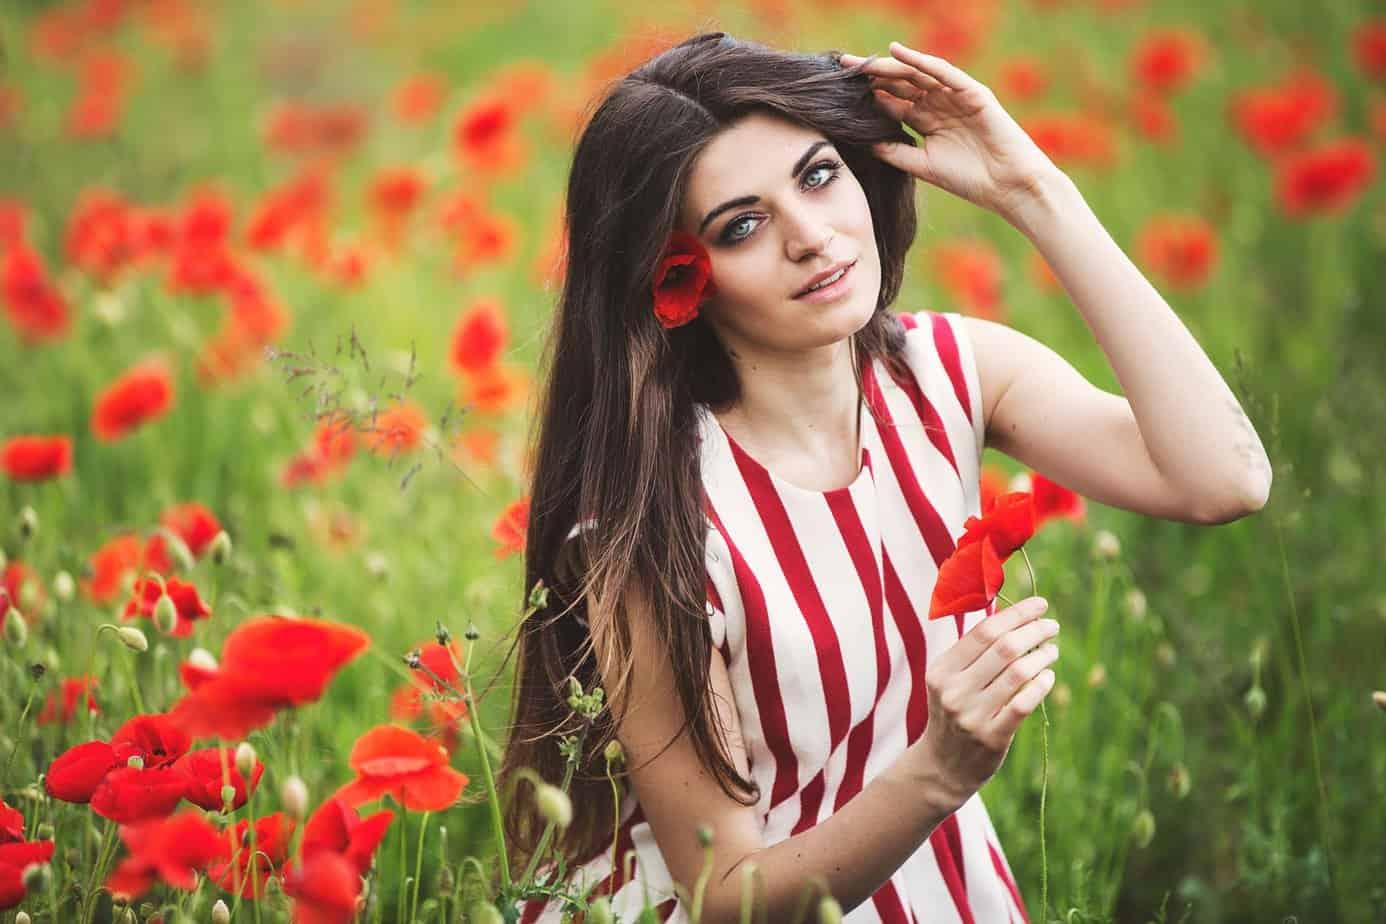 FloradalleVacche_francescabandiera